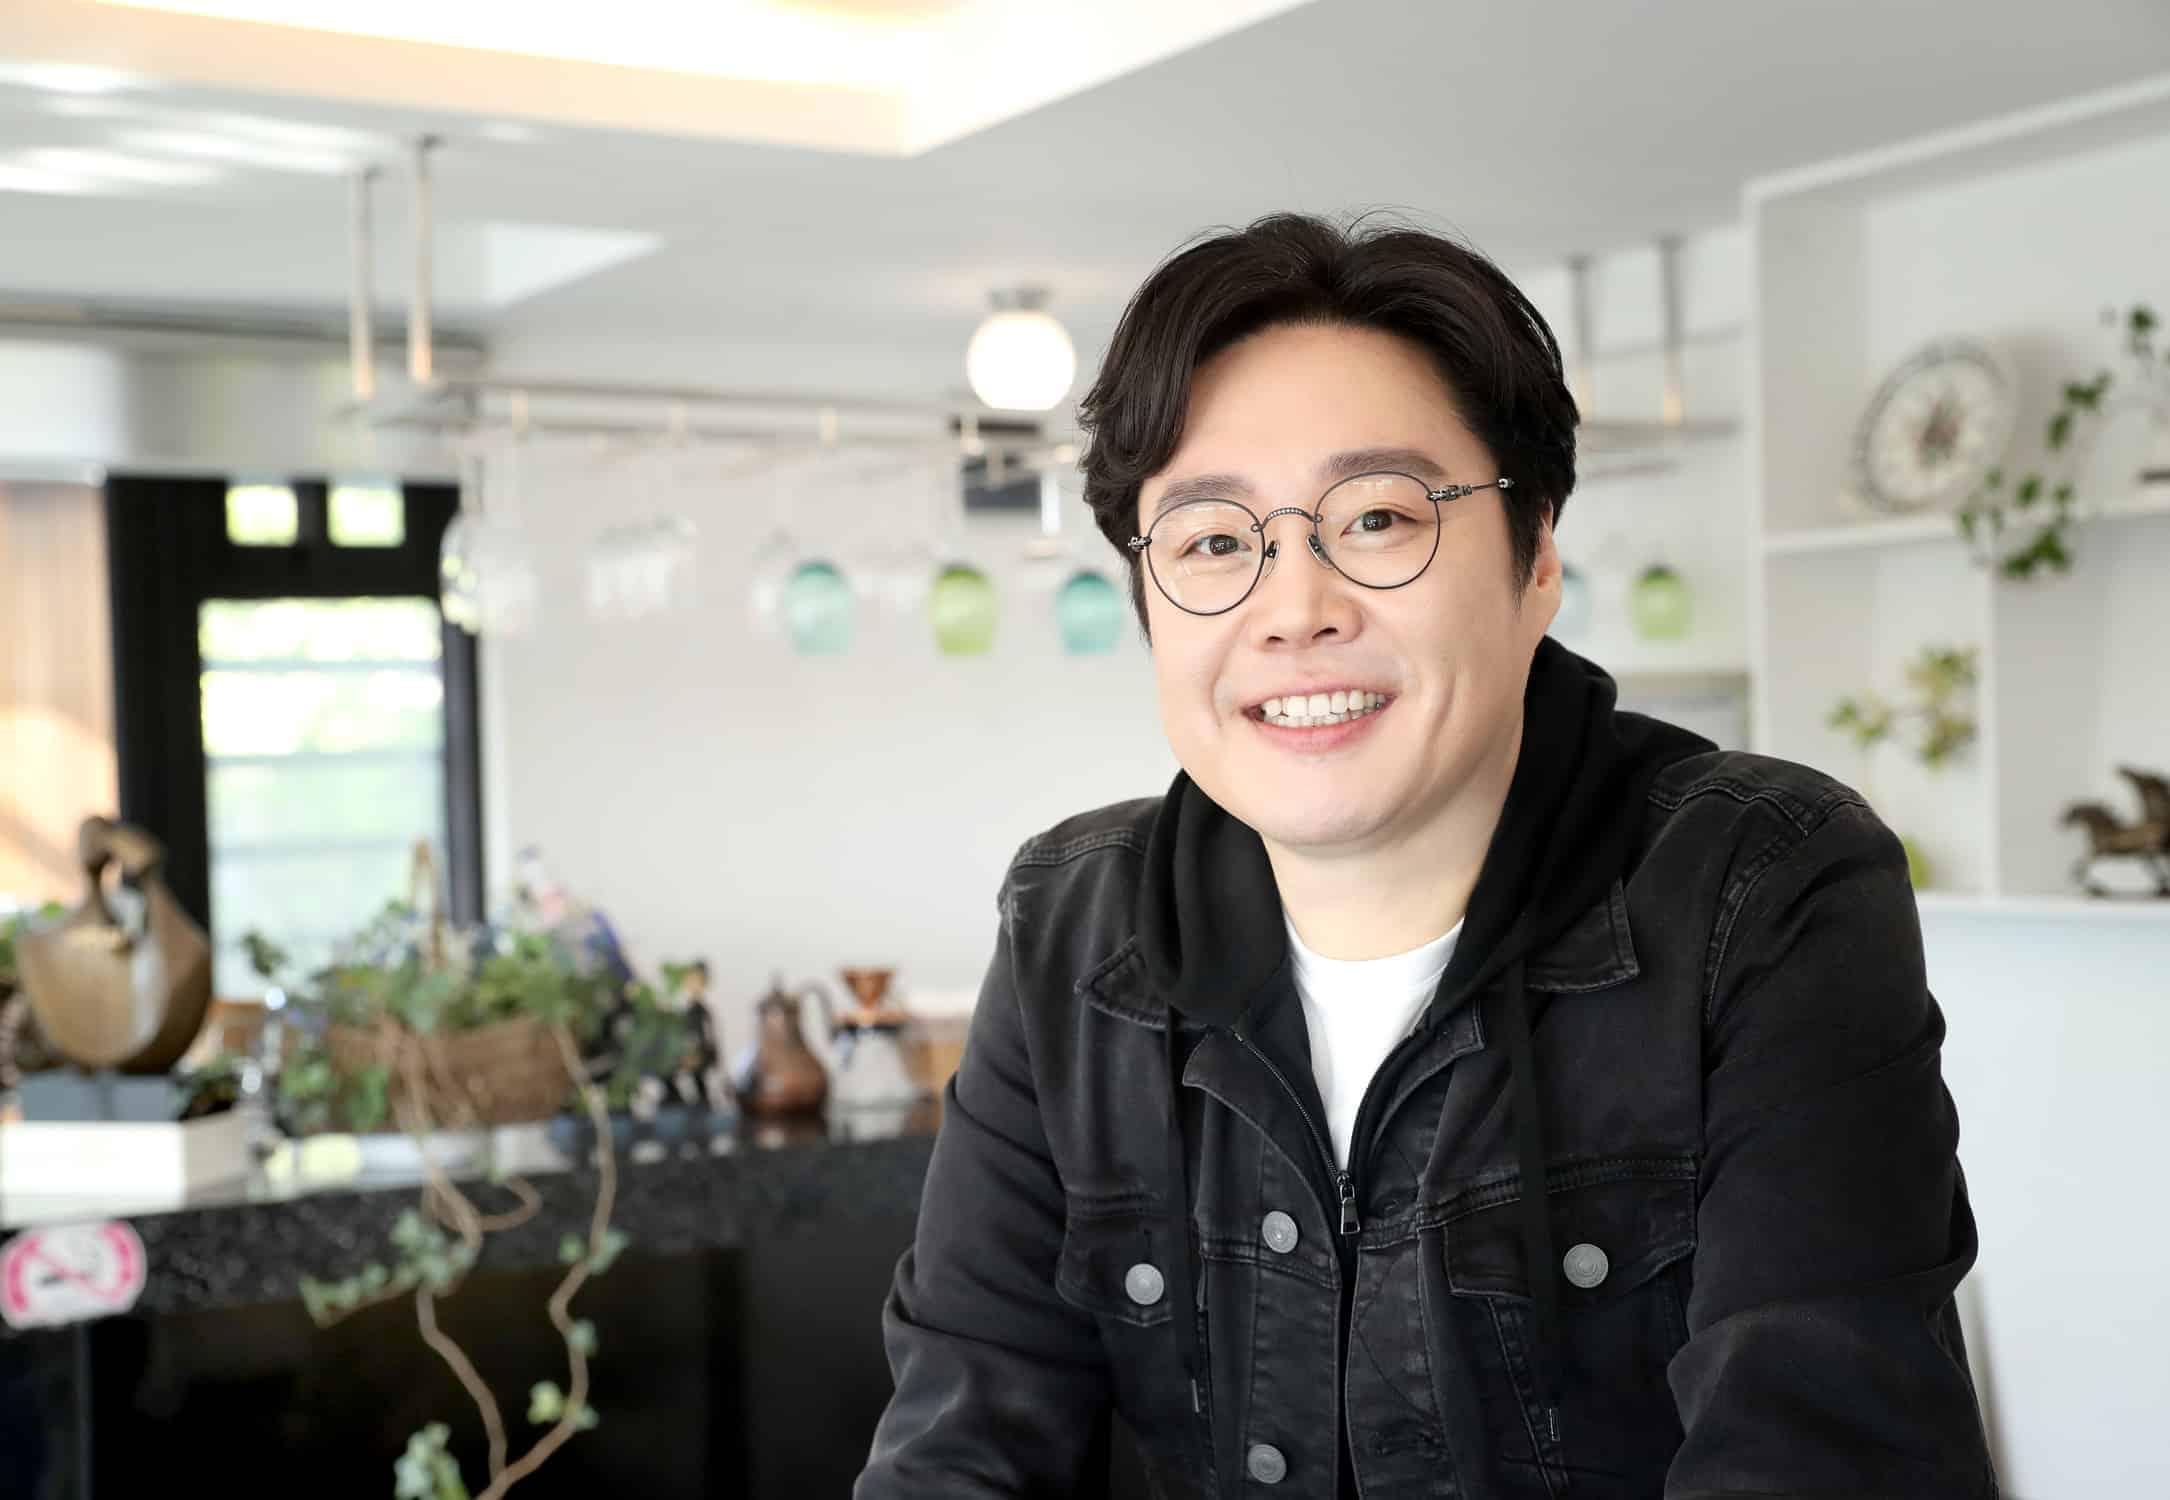 개그맨 겸 배우 류담 © 갓잇코리아